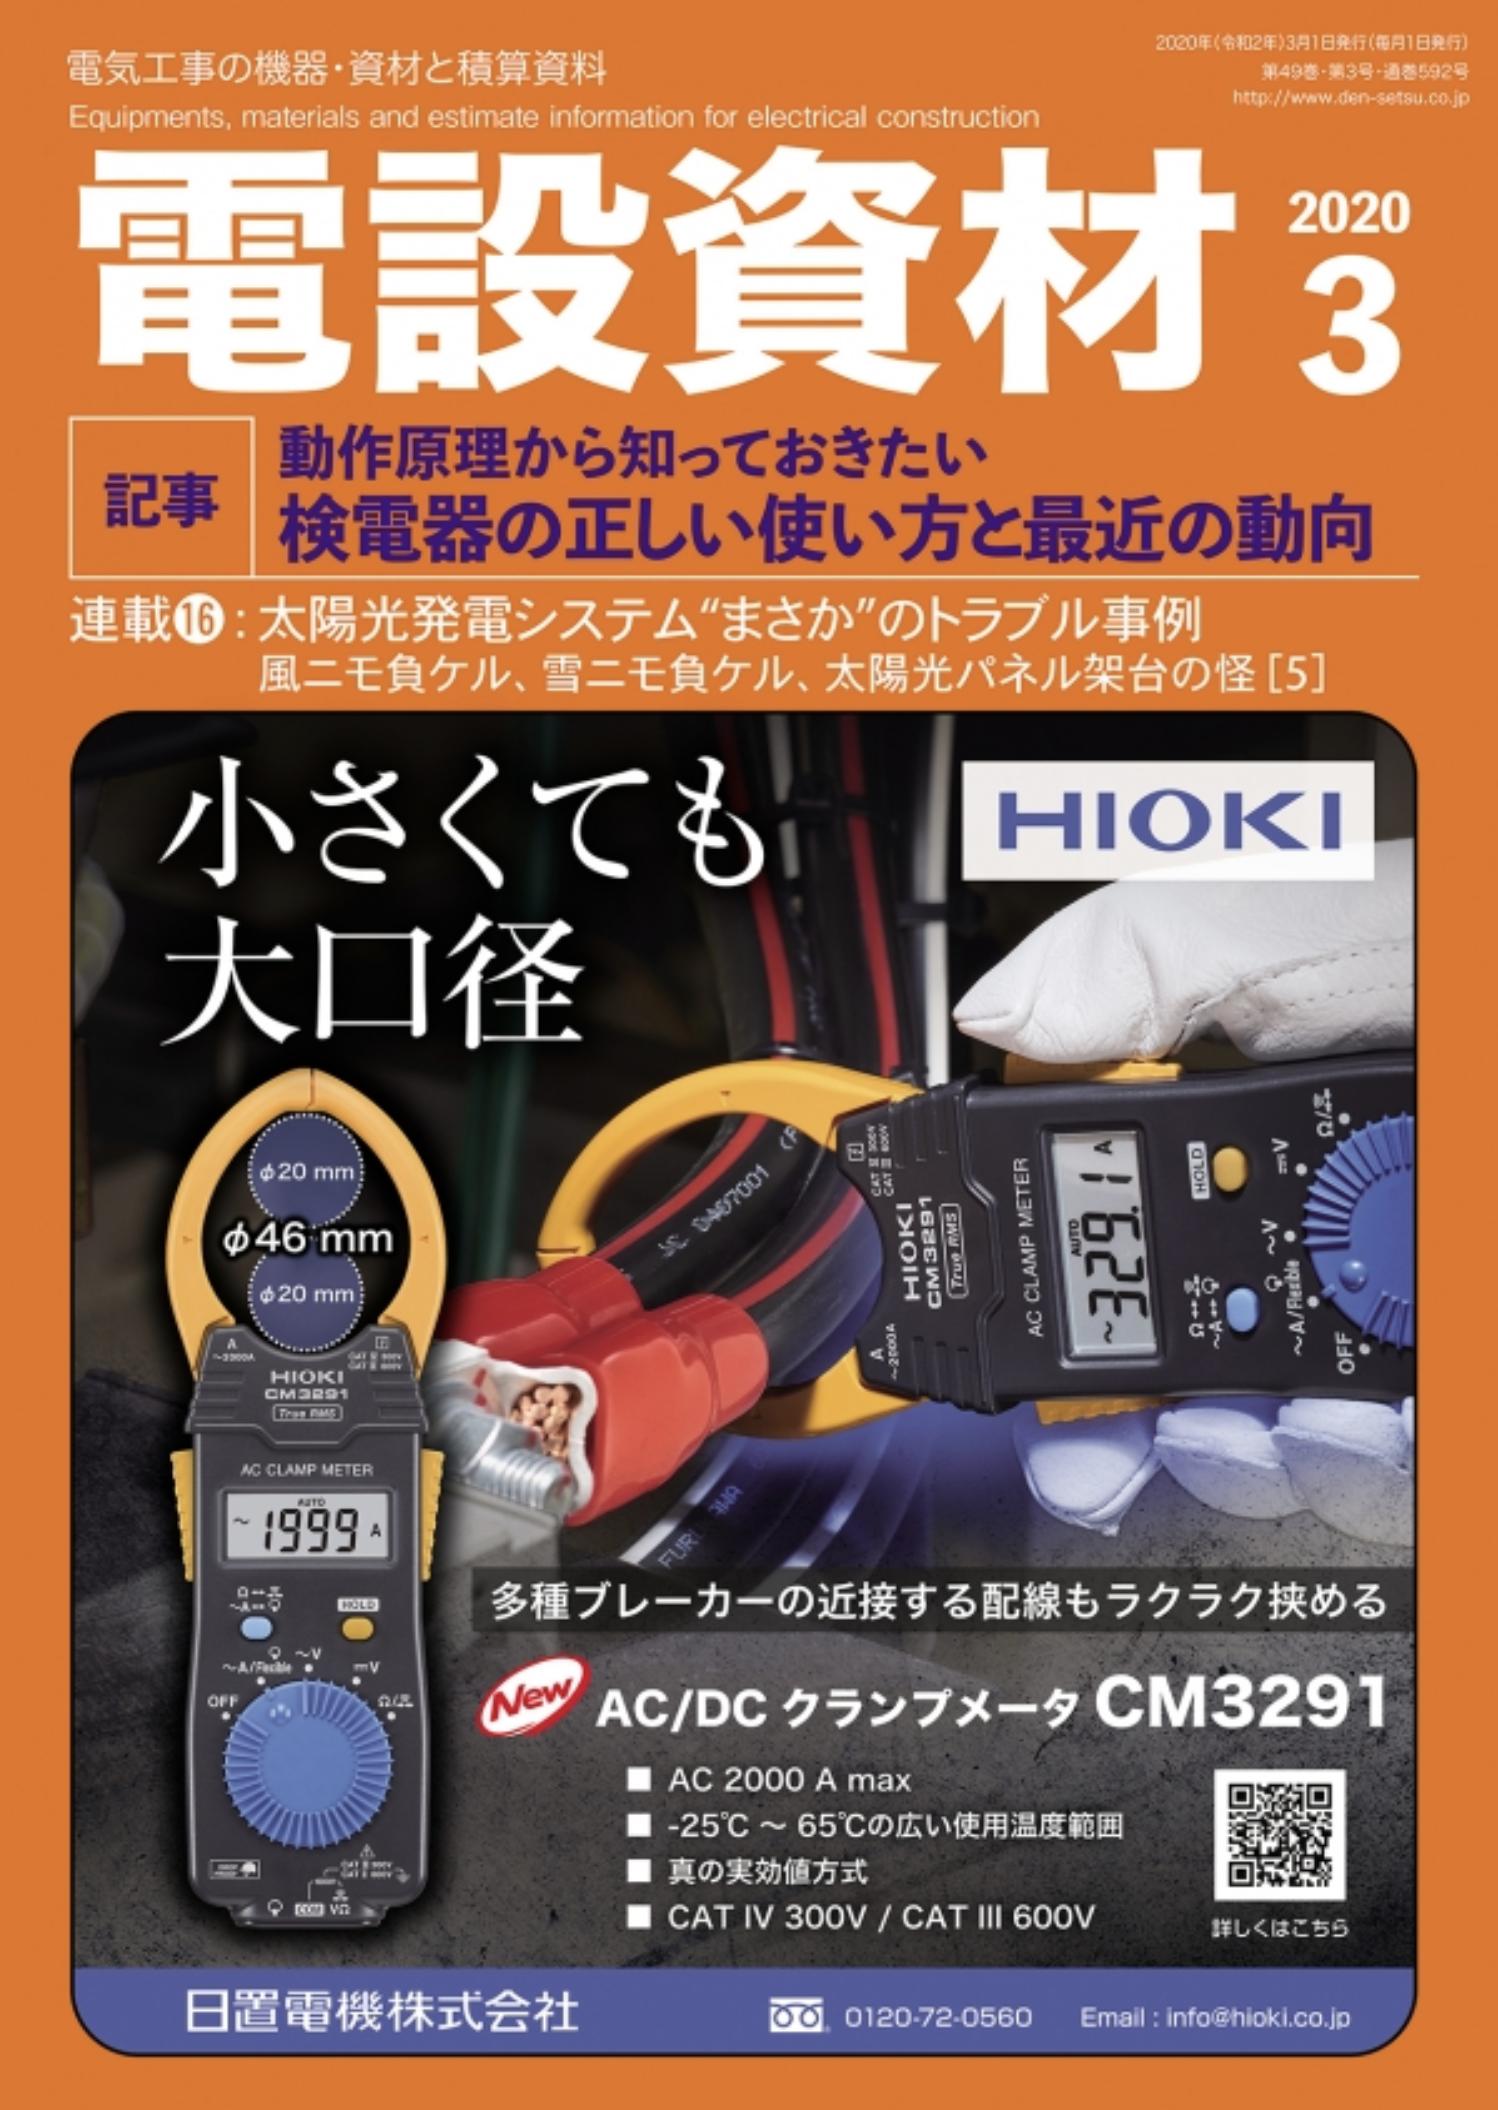 【新刊トピックス 2020年3月】月刊電設資材 2020年3月号の画像